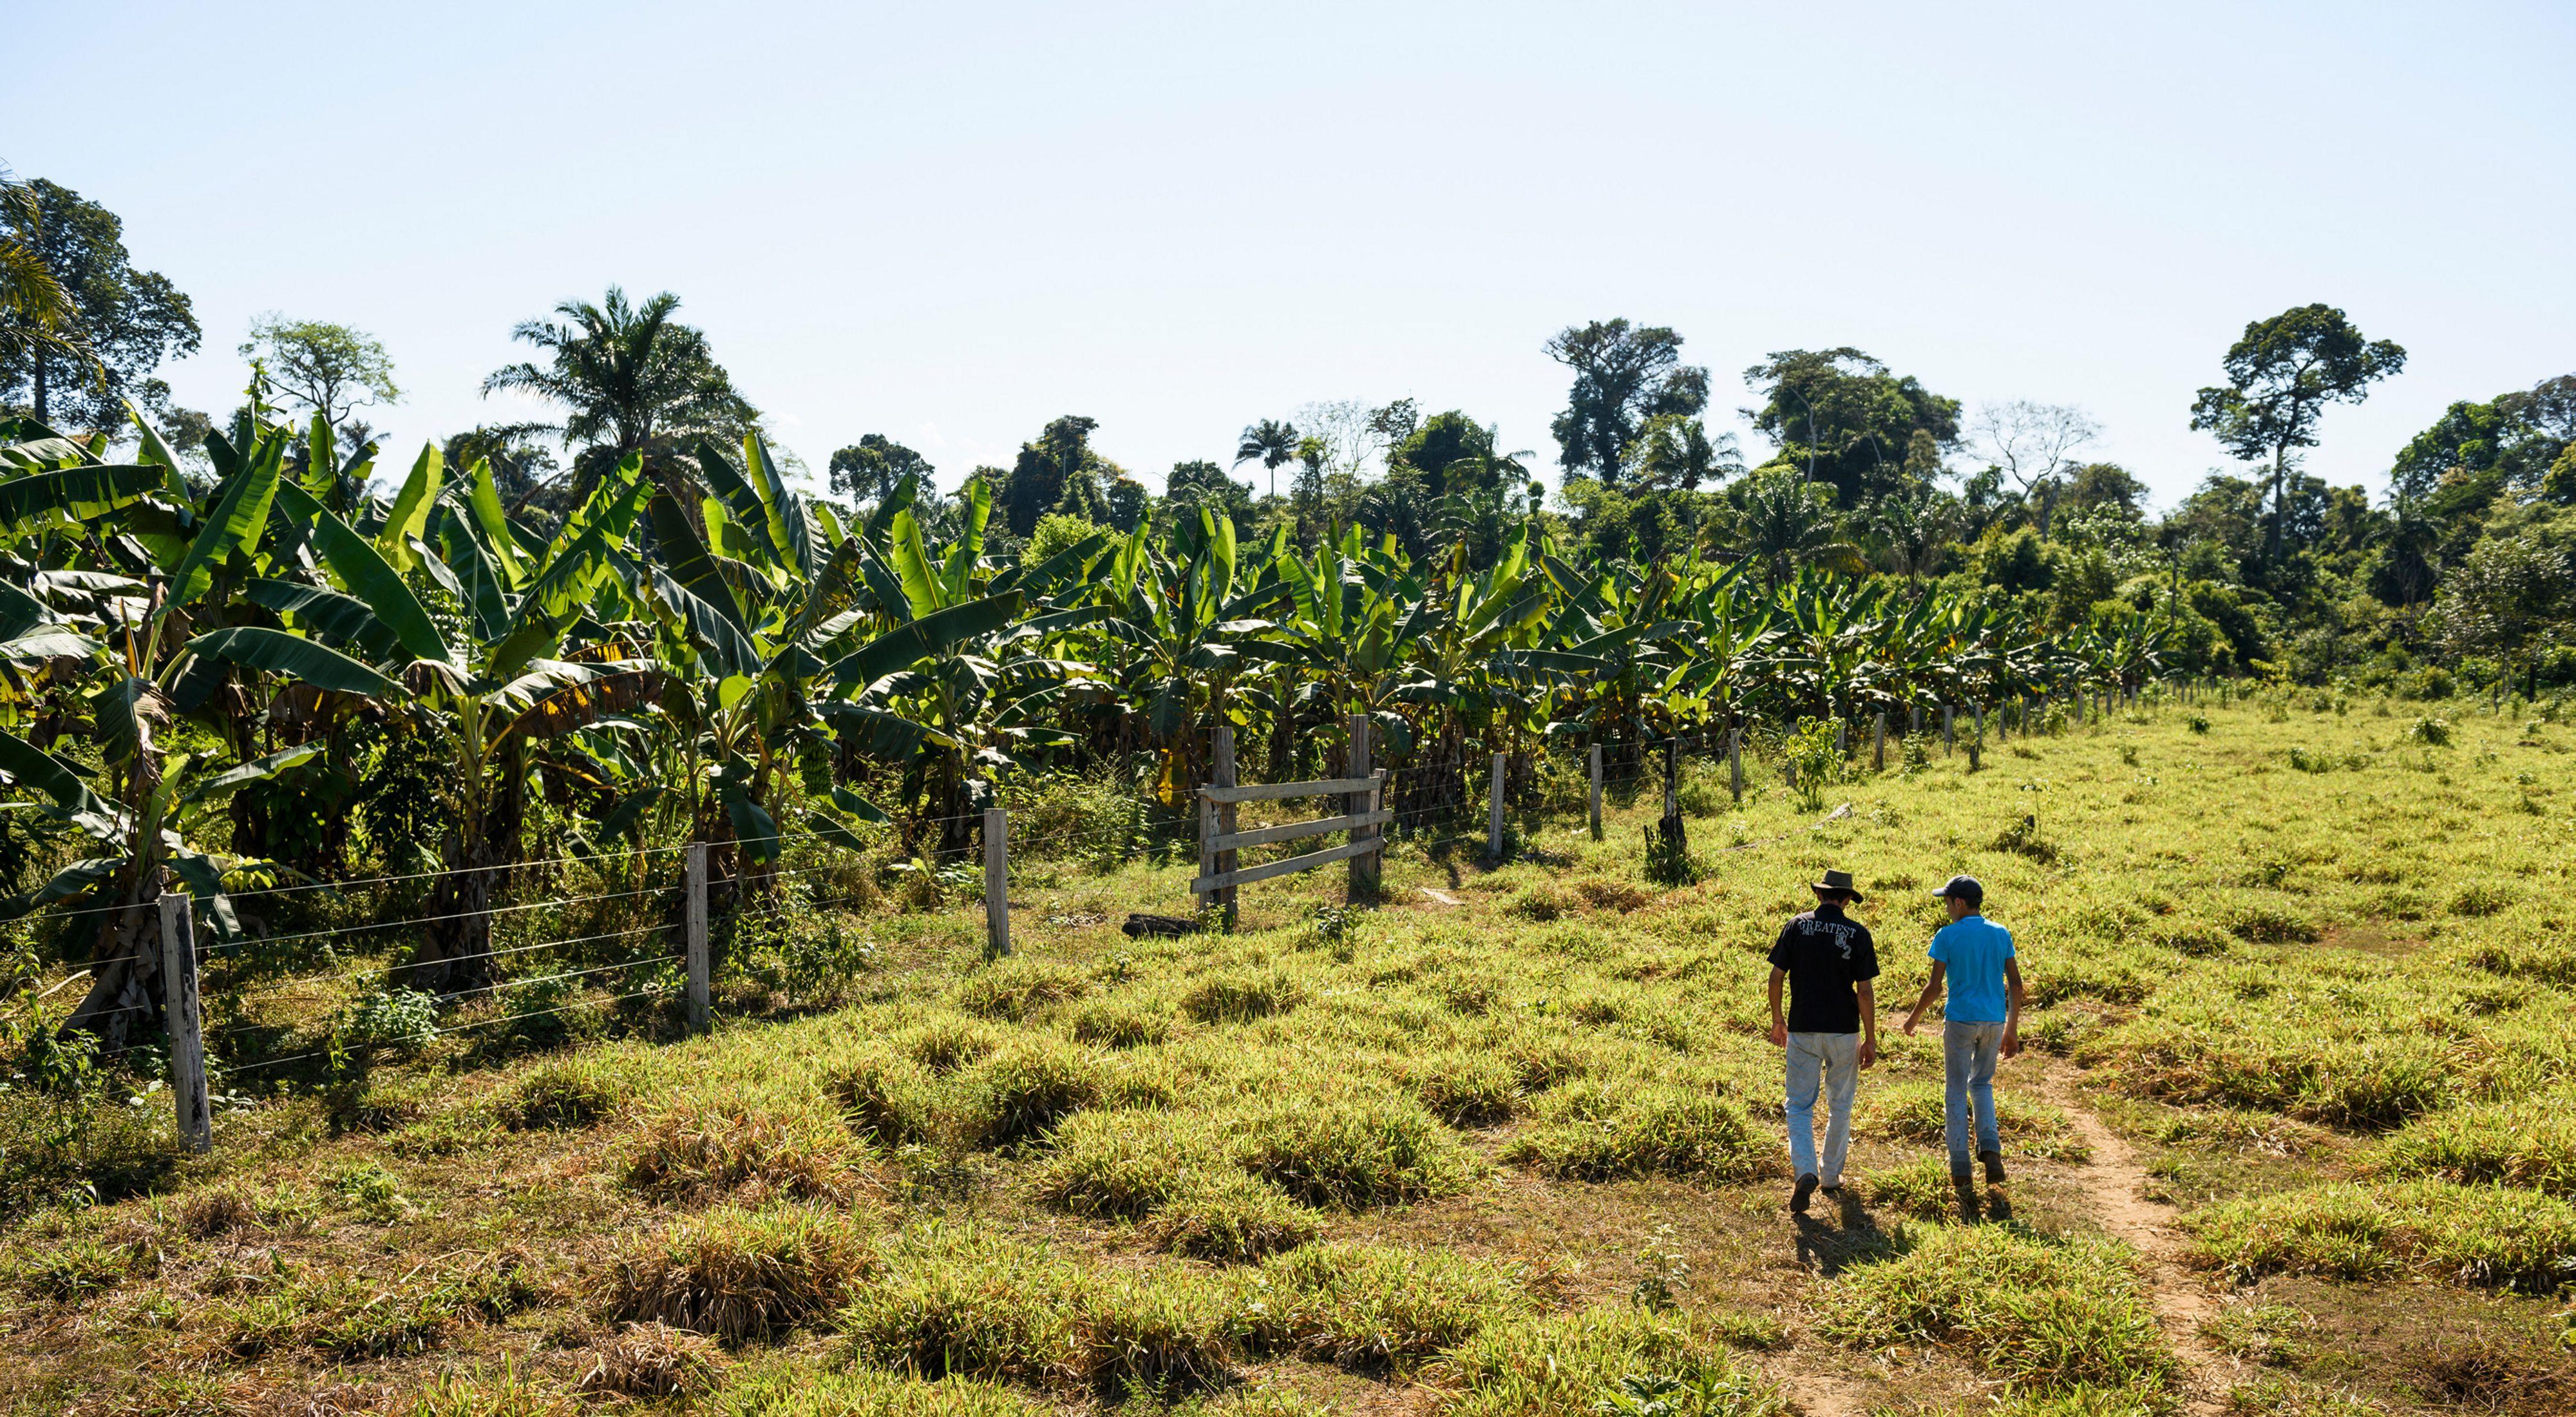 Deniston Dutra e seu filho andando pela propriedade da família com produção de cacau  em sistema agroflorestais.